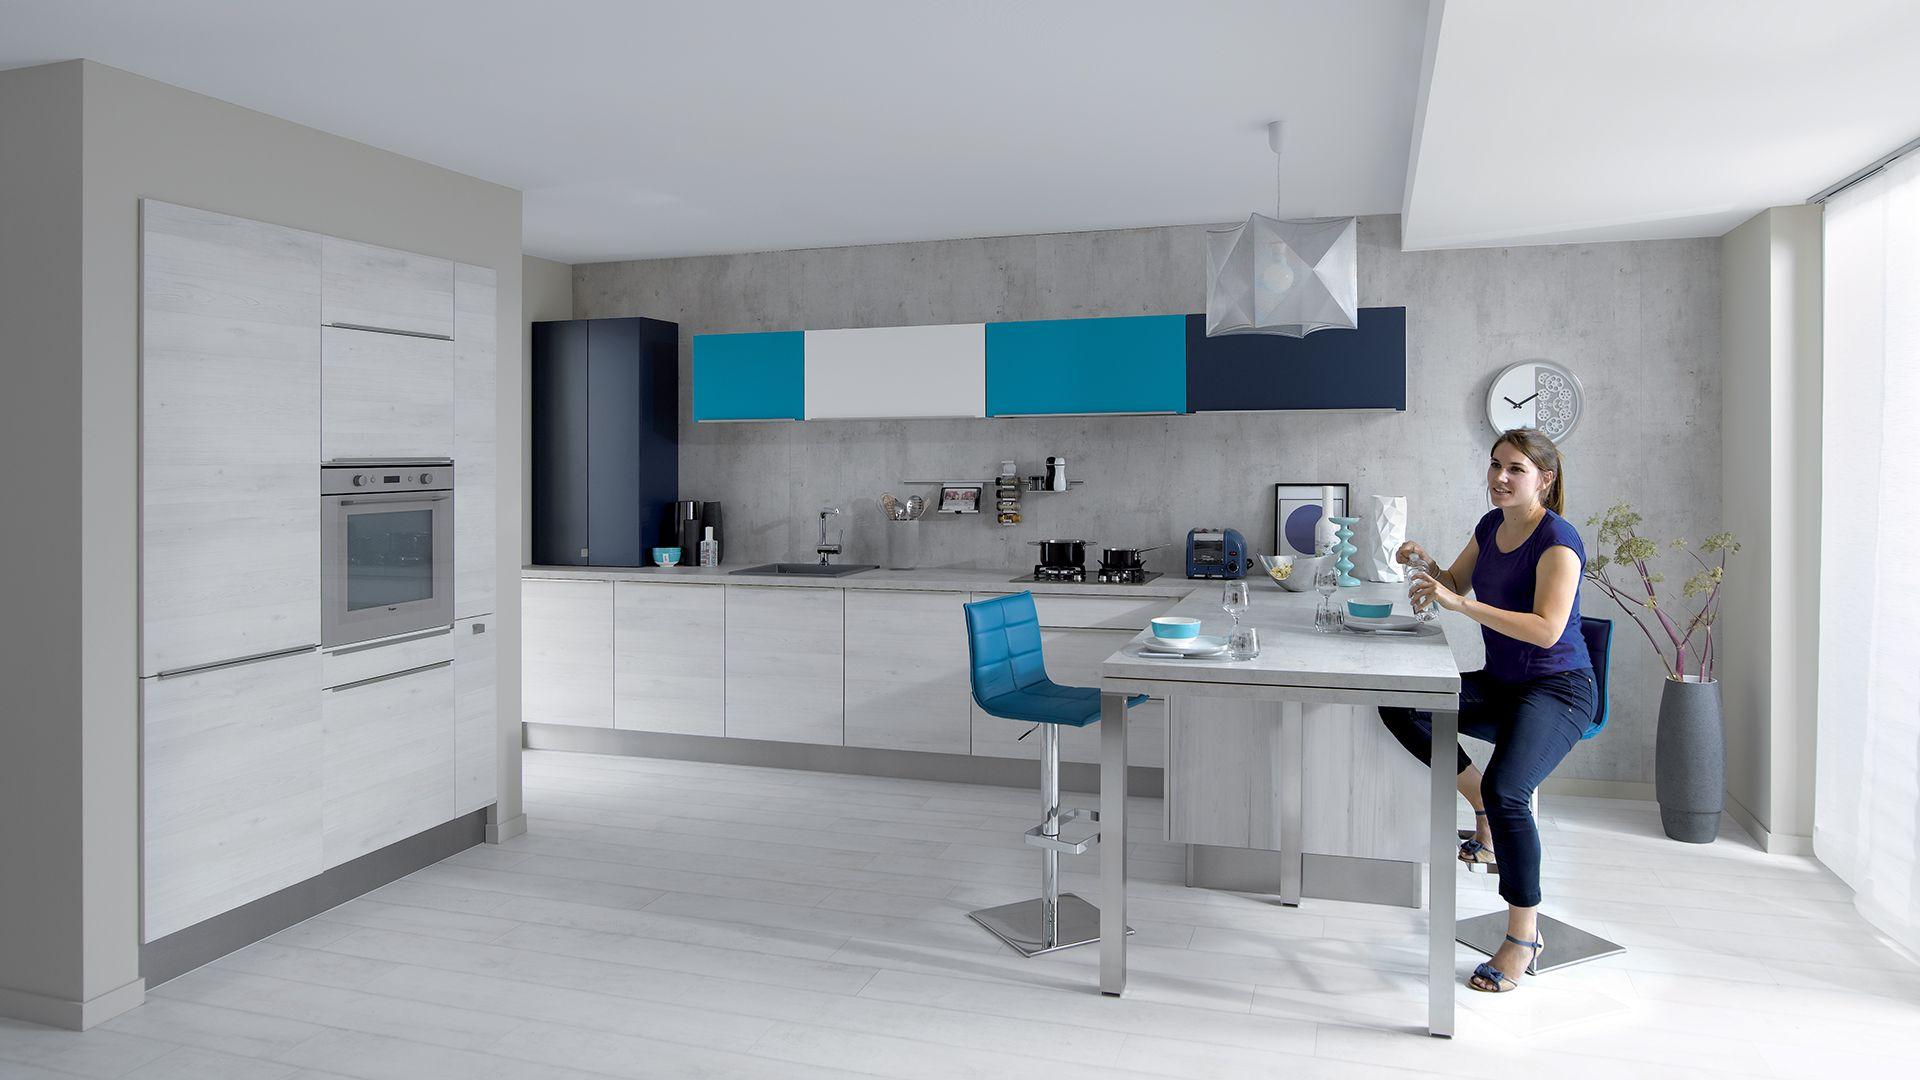 cuisine quip e trend style design blanc cuisinella d co cuisine pinterest. Black Bedroom Furniture Sets. Home Design Ideas